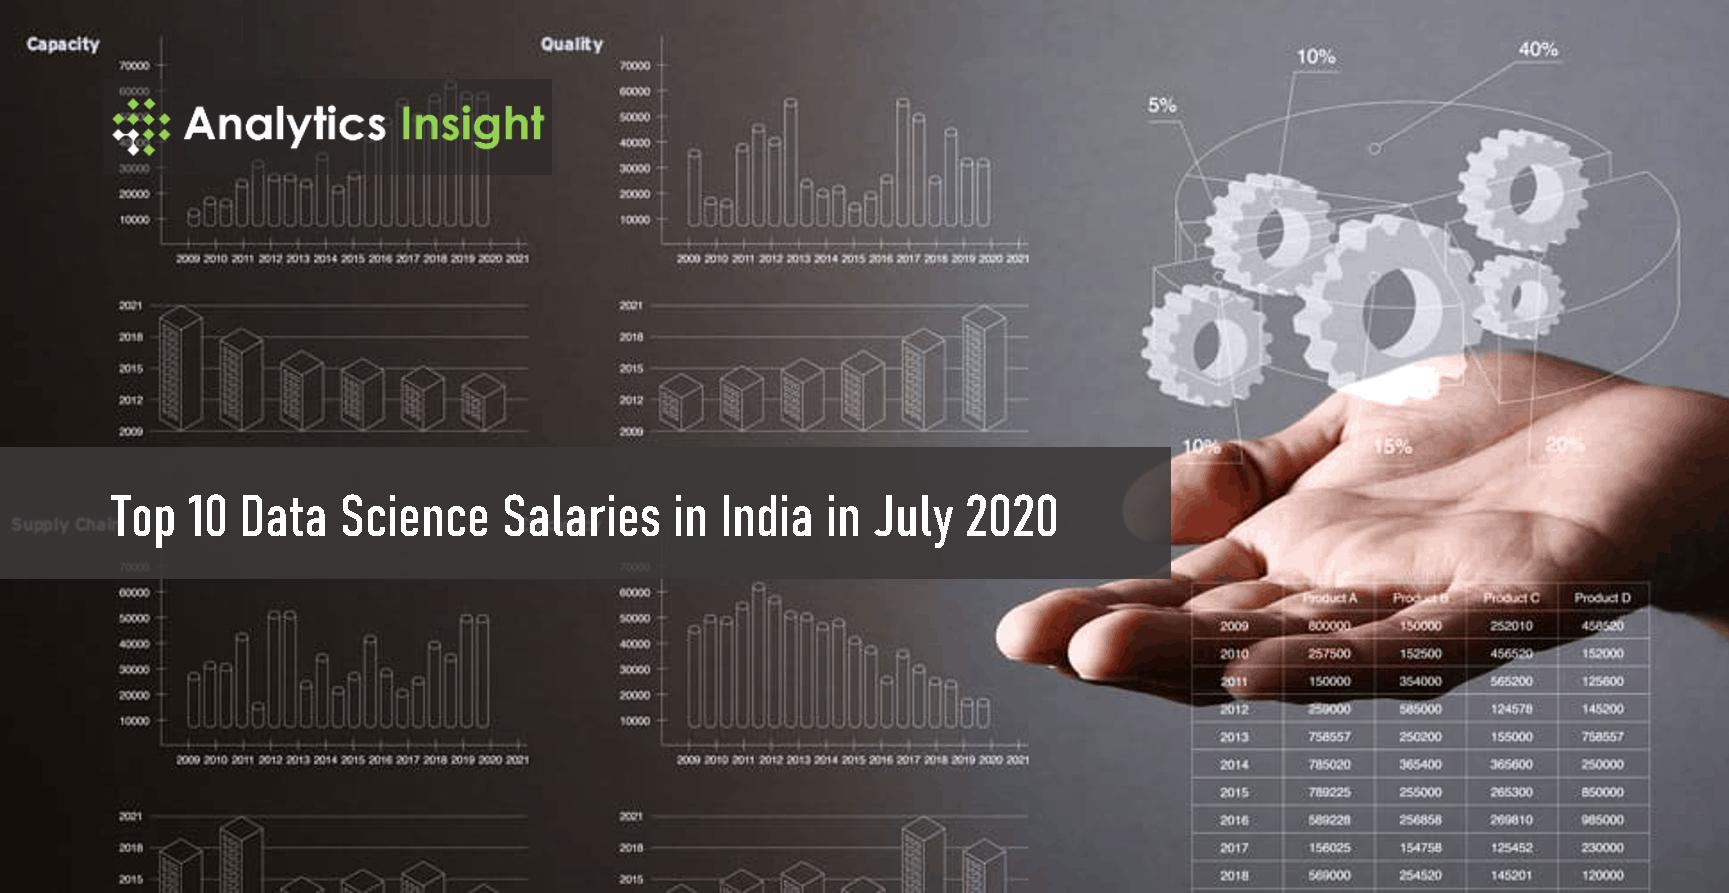 Top Data Science Salaries